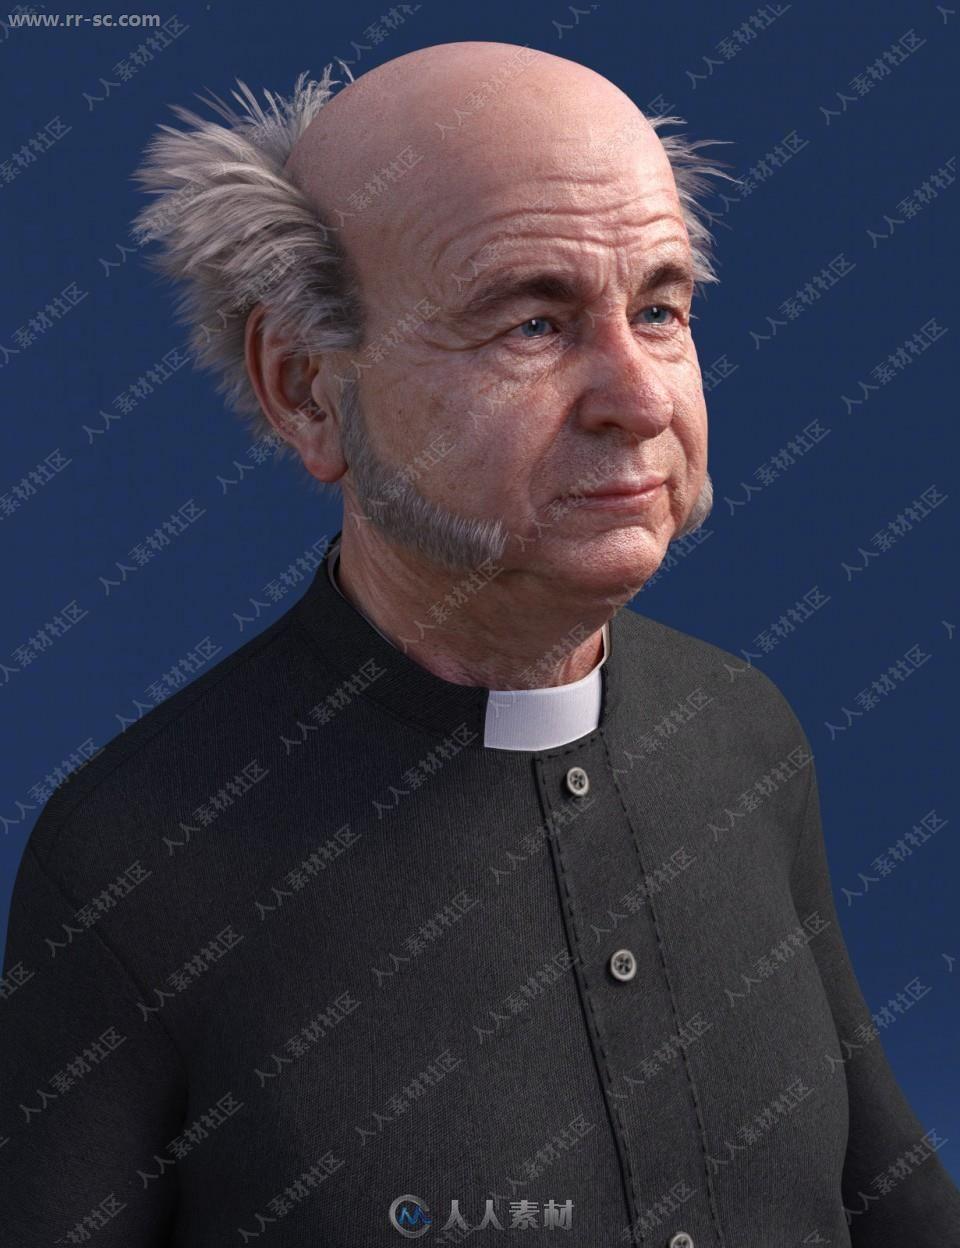 牧师经典装束帽子西裤外套3D模型